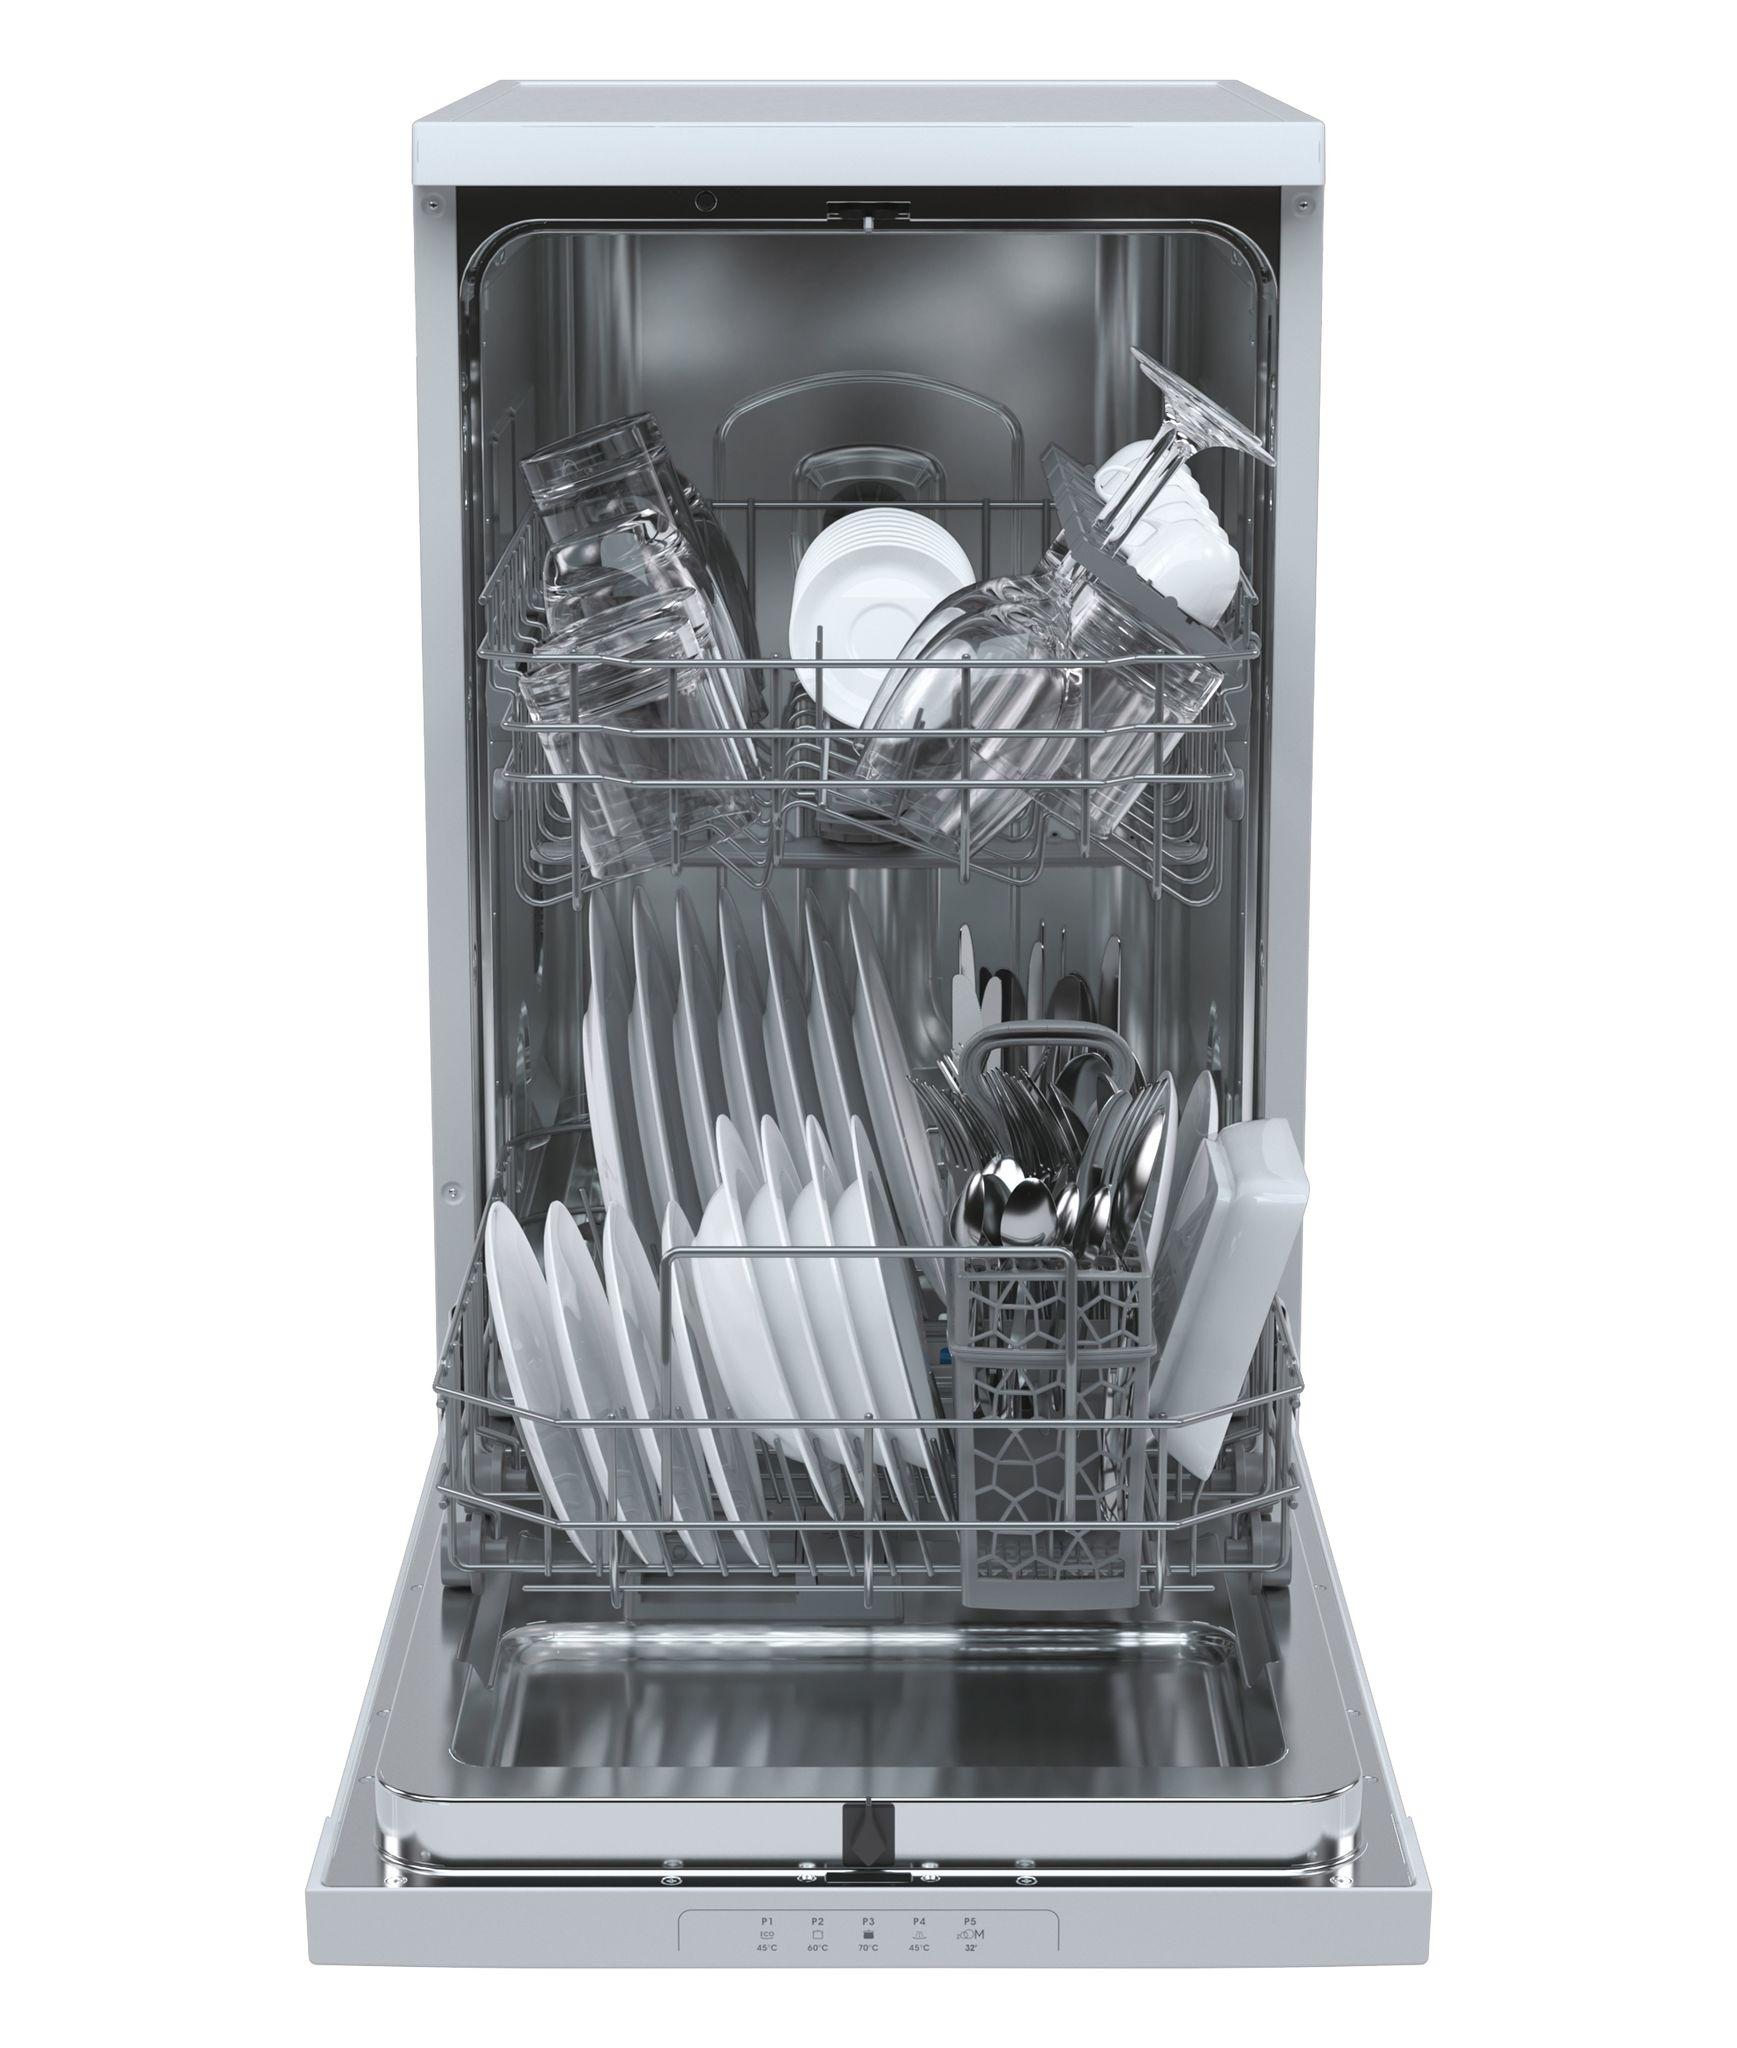 Посудомоечная машина Candy Brava CDPH 2L952W-08 фото 2